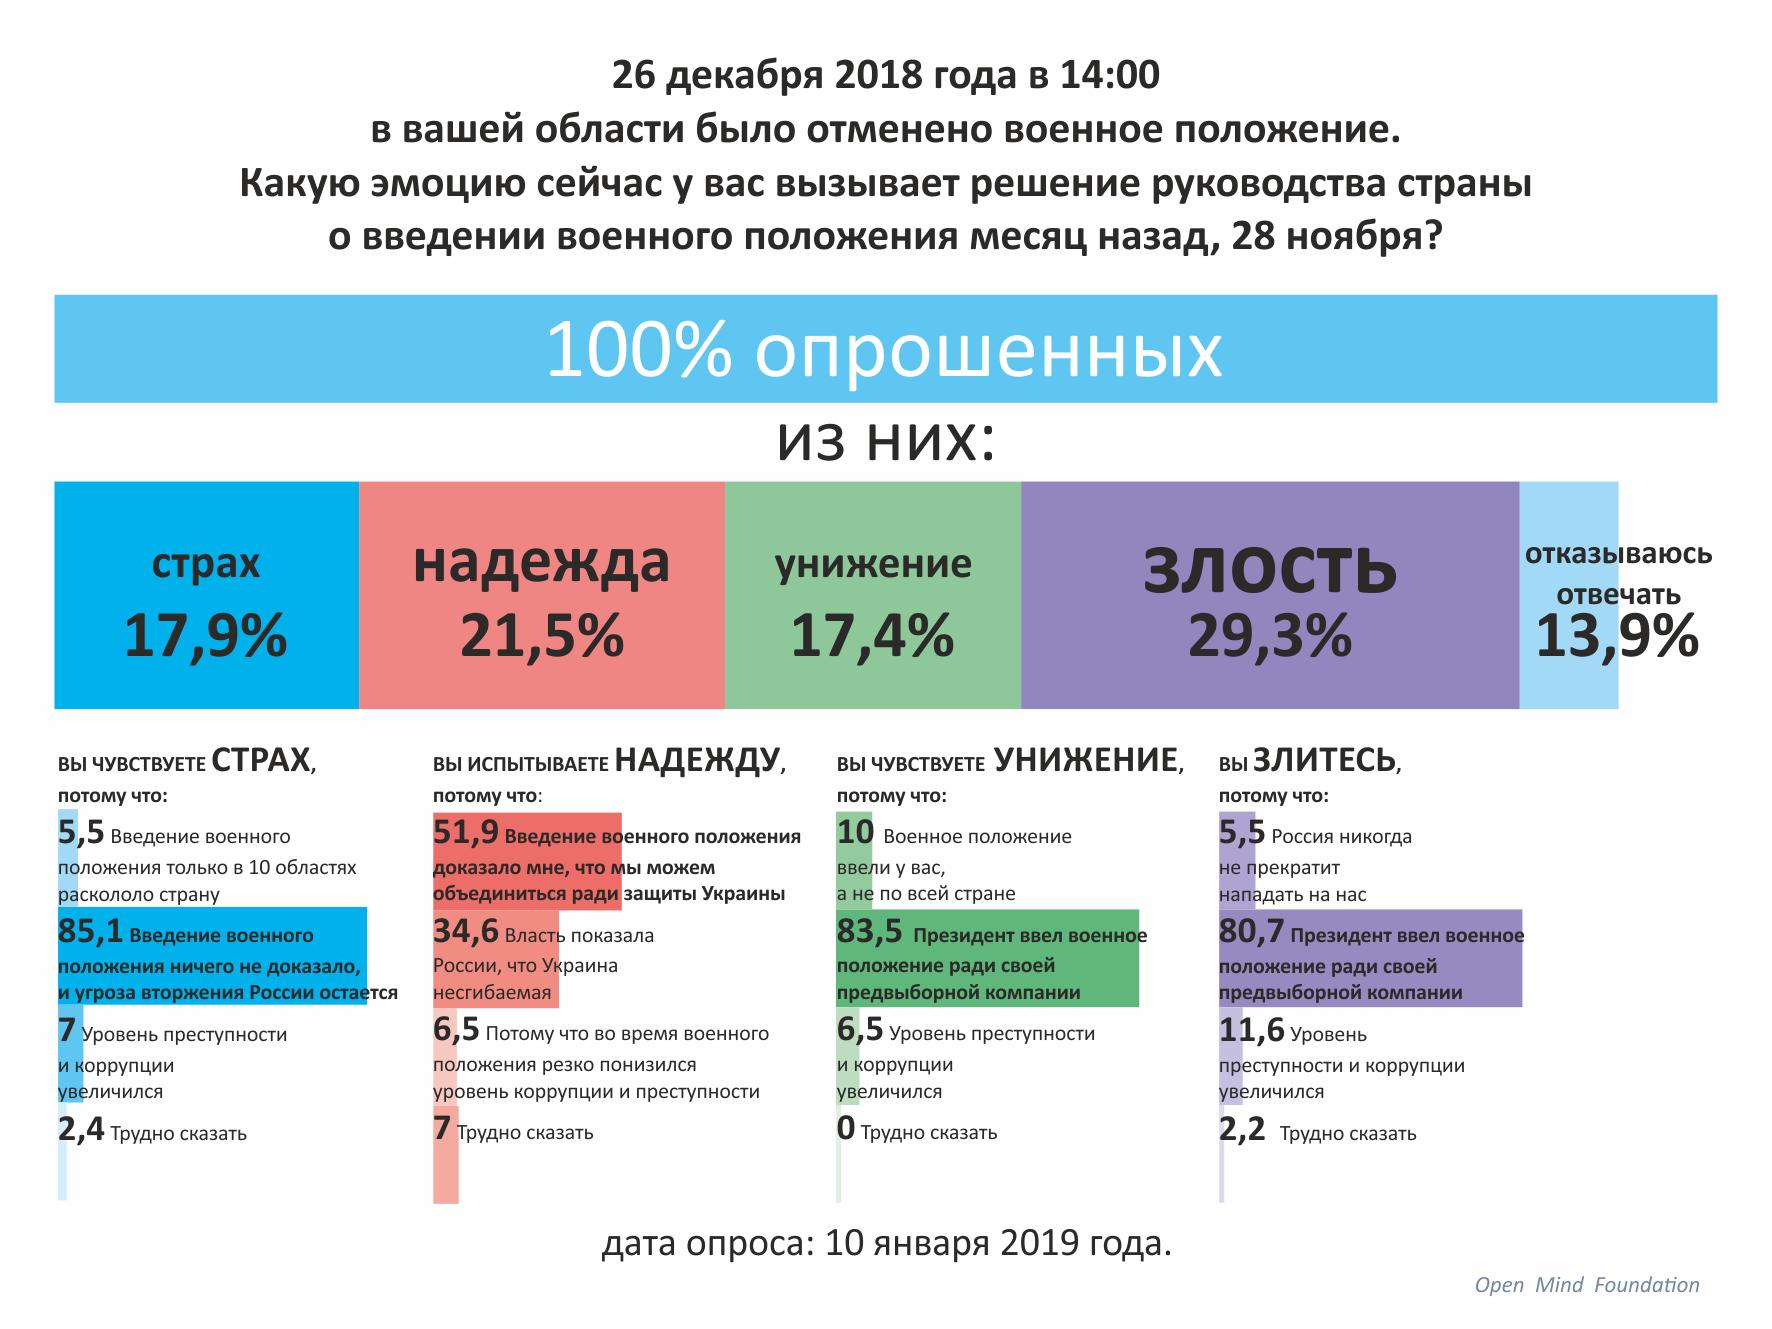 Общие результаты опроса 10 января